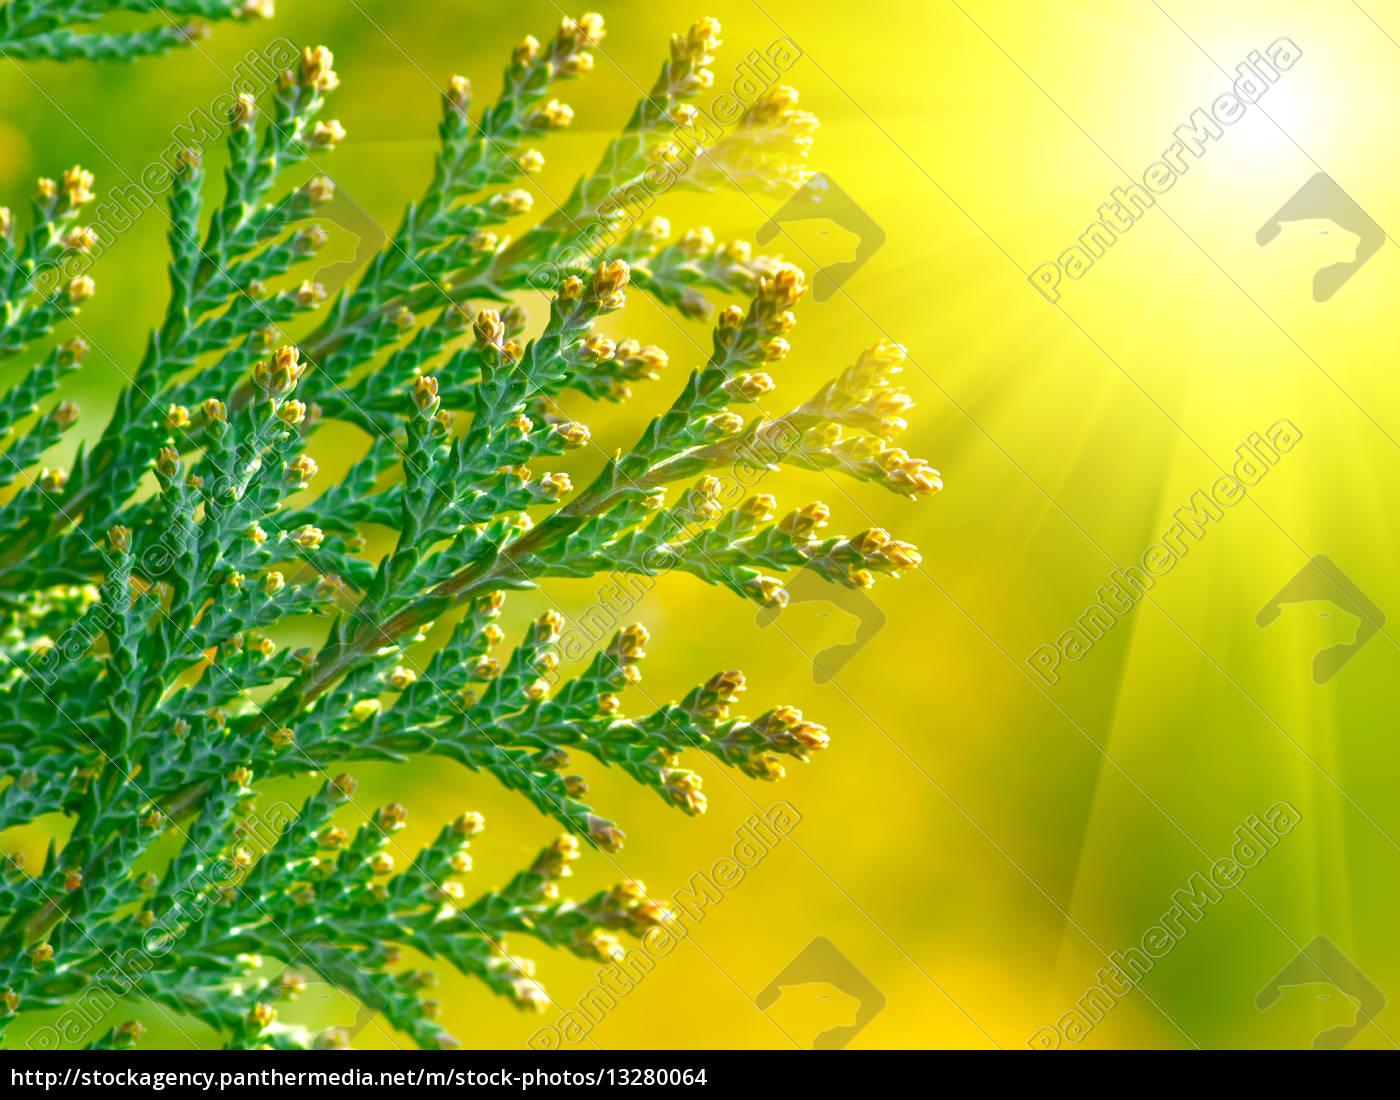 Amerikanischen Lebensbaum (Zypresse),Makro - Lizenzfreies Foto ...